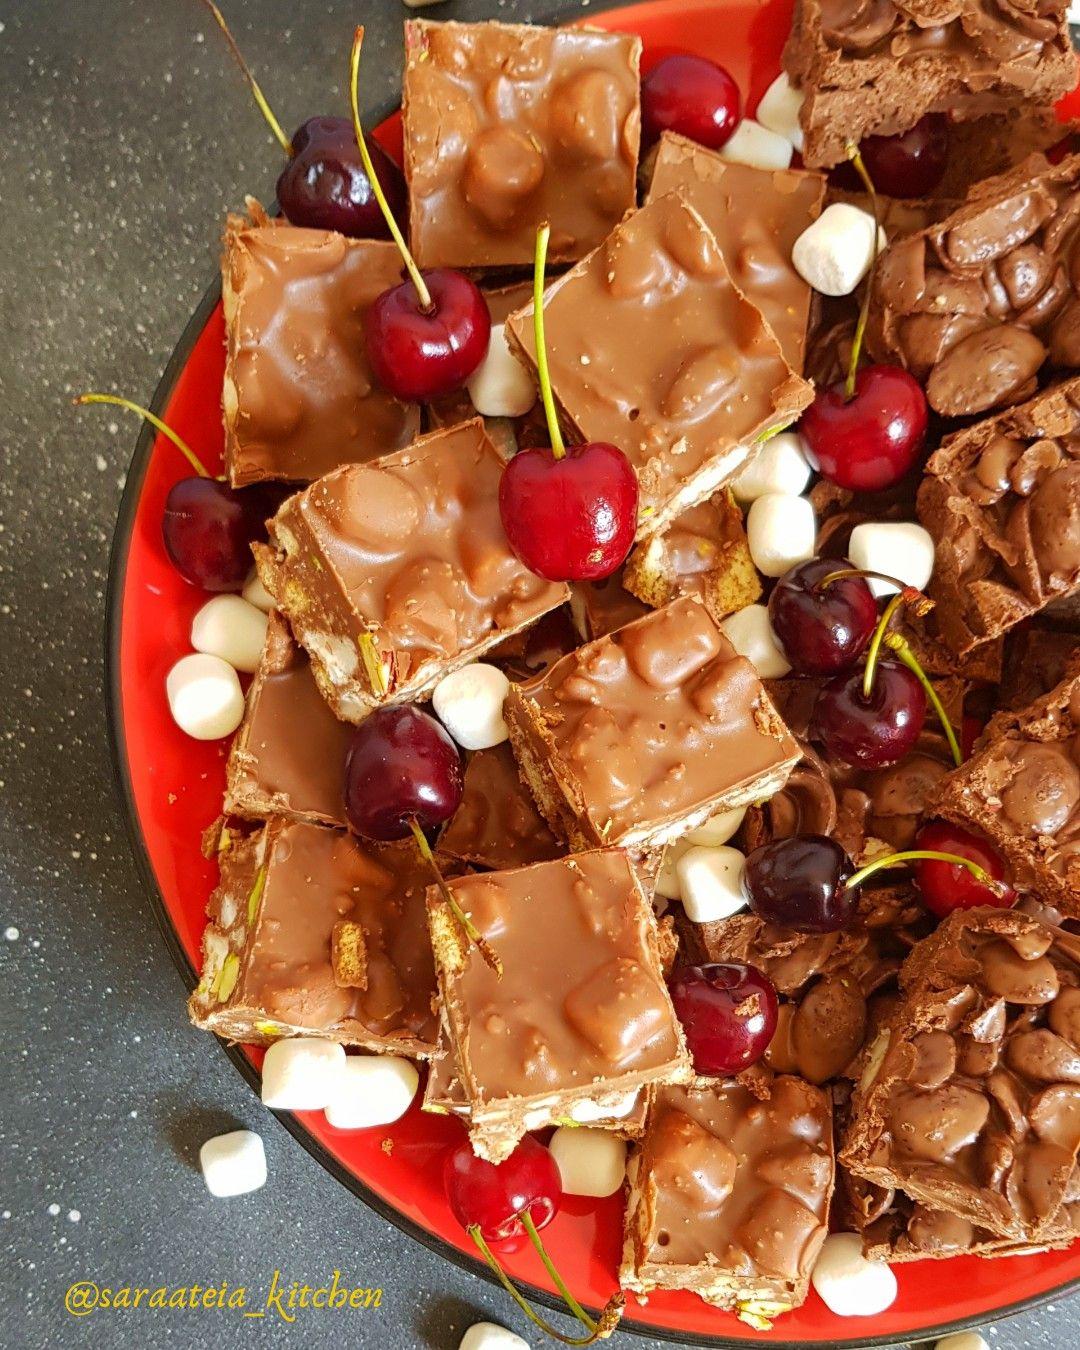 Rocky Road Recipe طريقة الروكى رود Happy Feast Food Breakfast